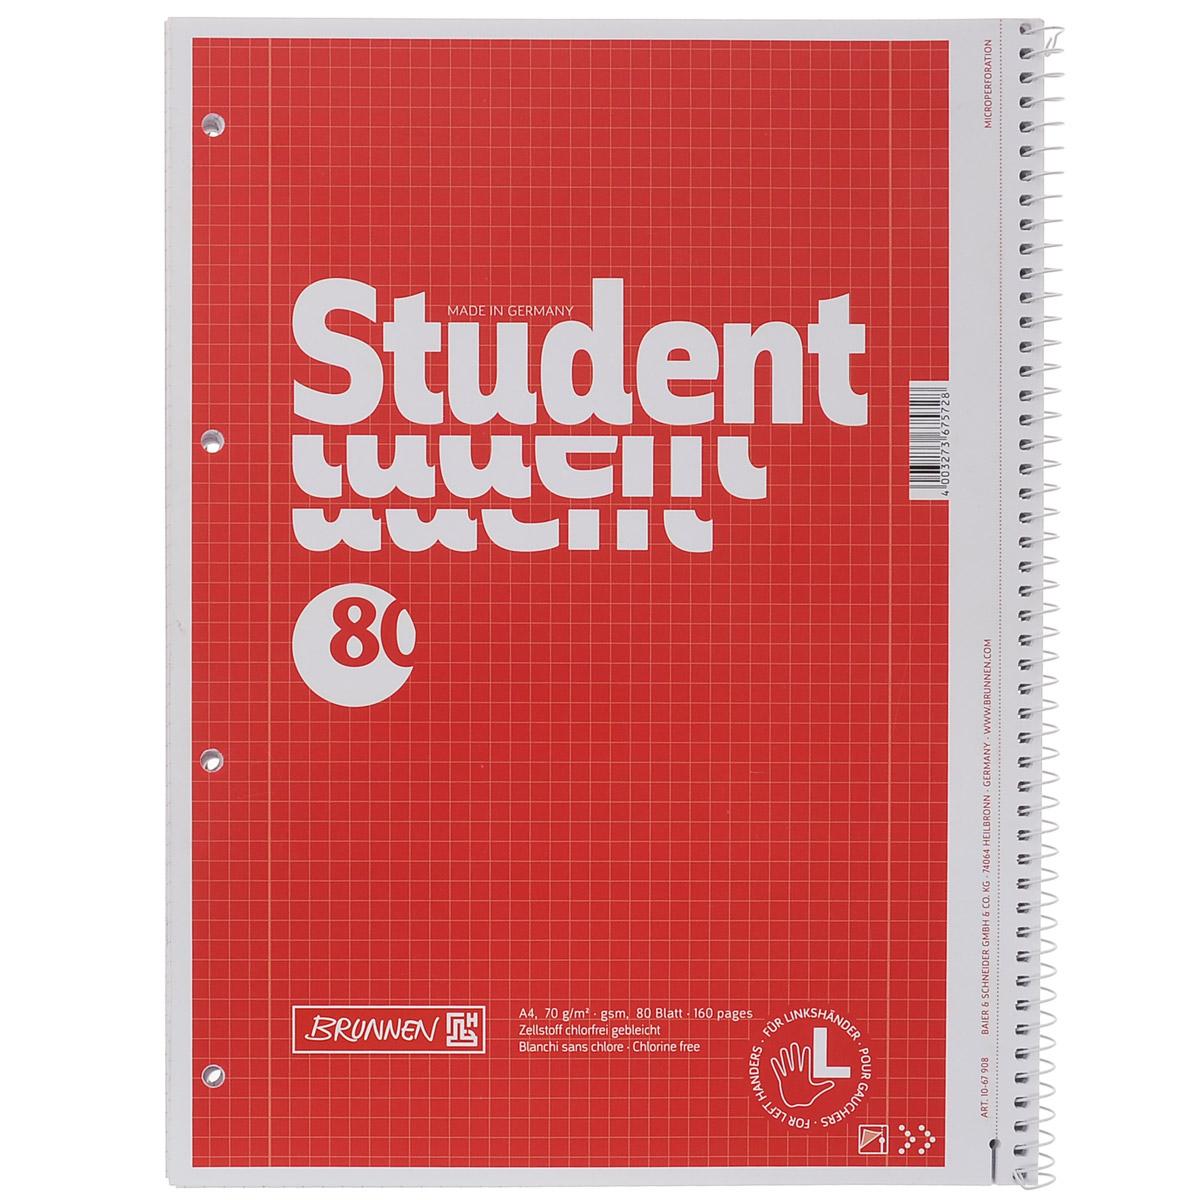 Тетрадь в клетку для левшей Brunnen, цвет: красный, 80 листов. Формат A46590/3_Серо-голубойТетрадь Brunnen, разработанная специально для левшей, предназначена для объемных записей и незаменима для старшеклассников и студентов.Обложка тетради выполнена из мелованного картона. Внутренний блок тетради состоит из 80 листов белой бумаги с линовкой в клетку и имеет крепление в виде спирали, которое находится справа. Все листы блока являются отрывными и снабжены микроперфорацией, а также стандартными отверстиями для подшивки в папки с кольцевым механизмом.